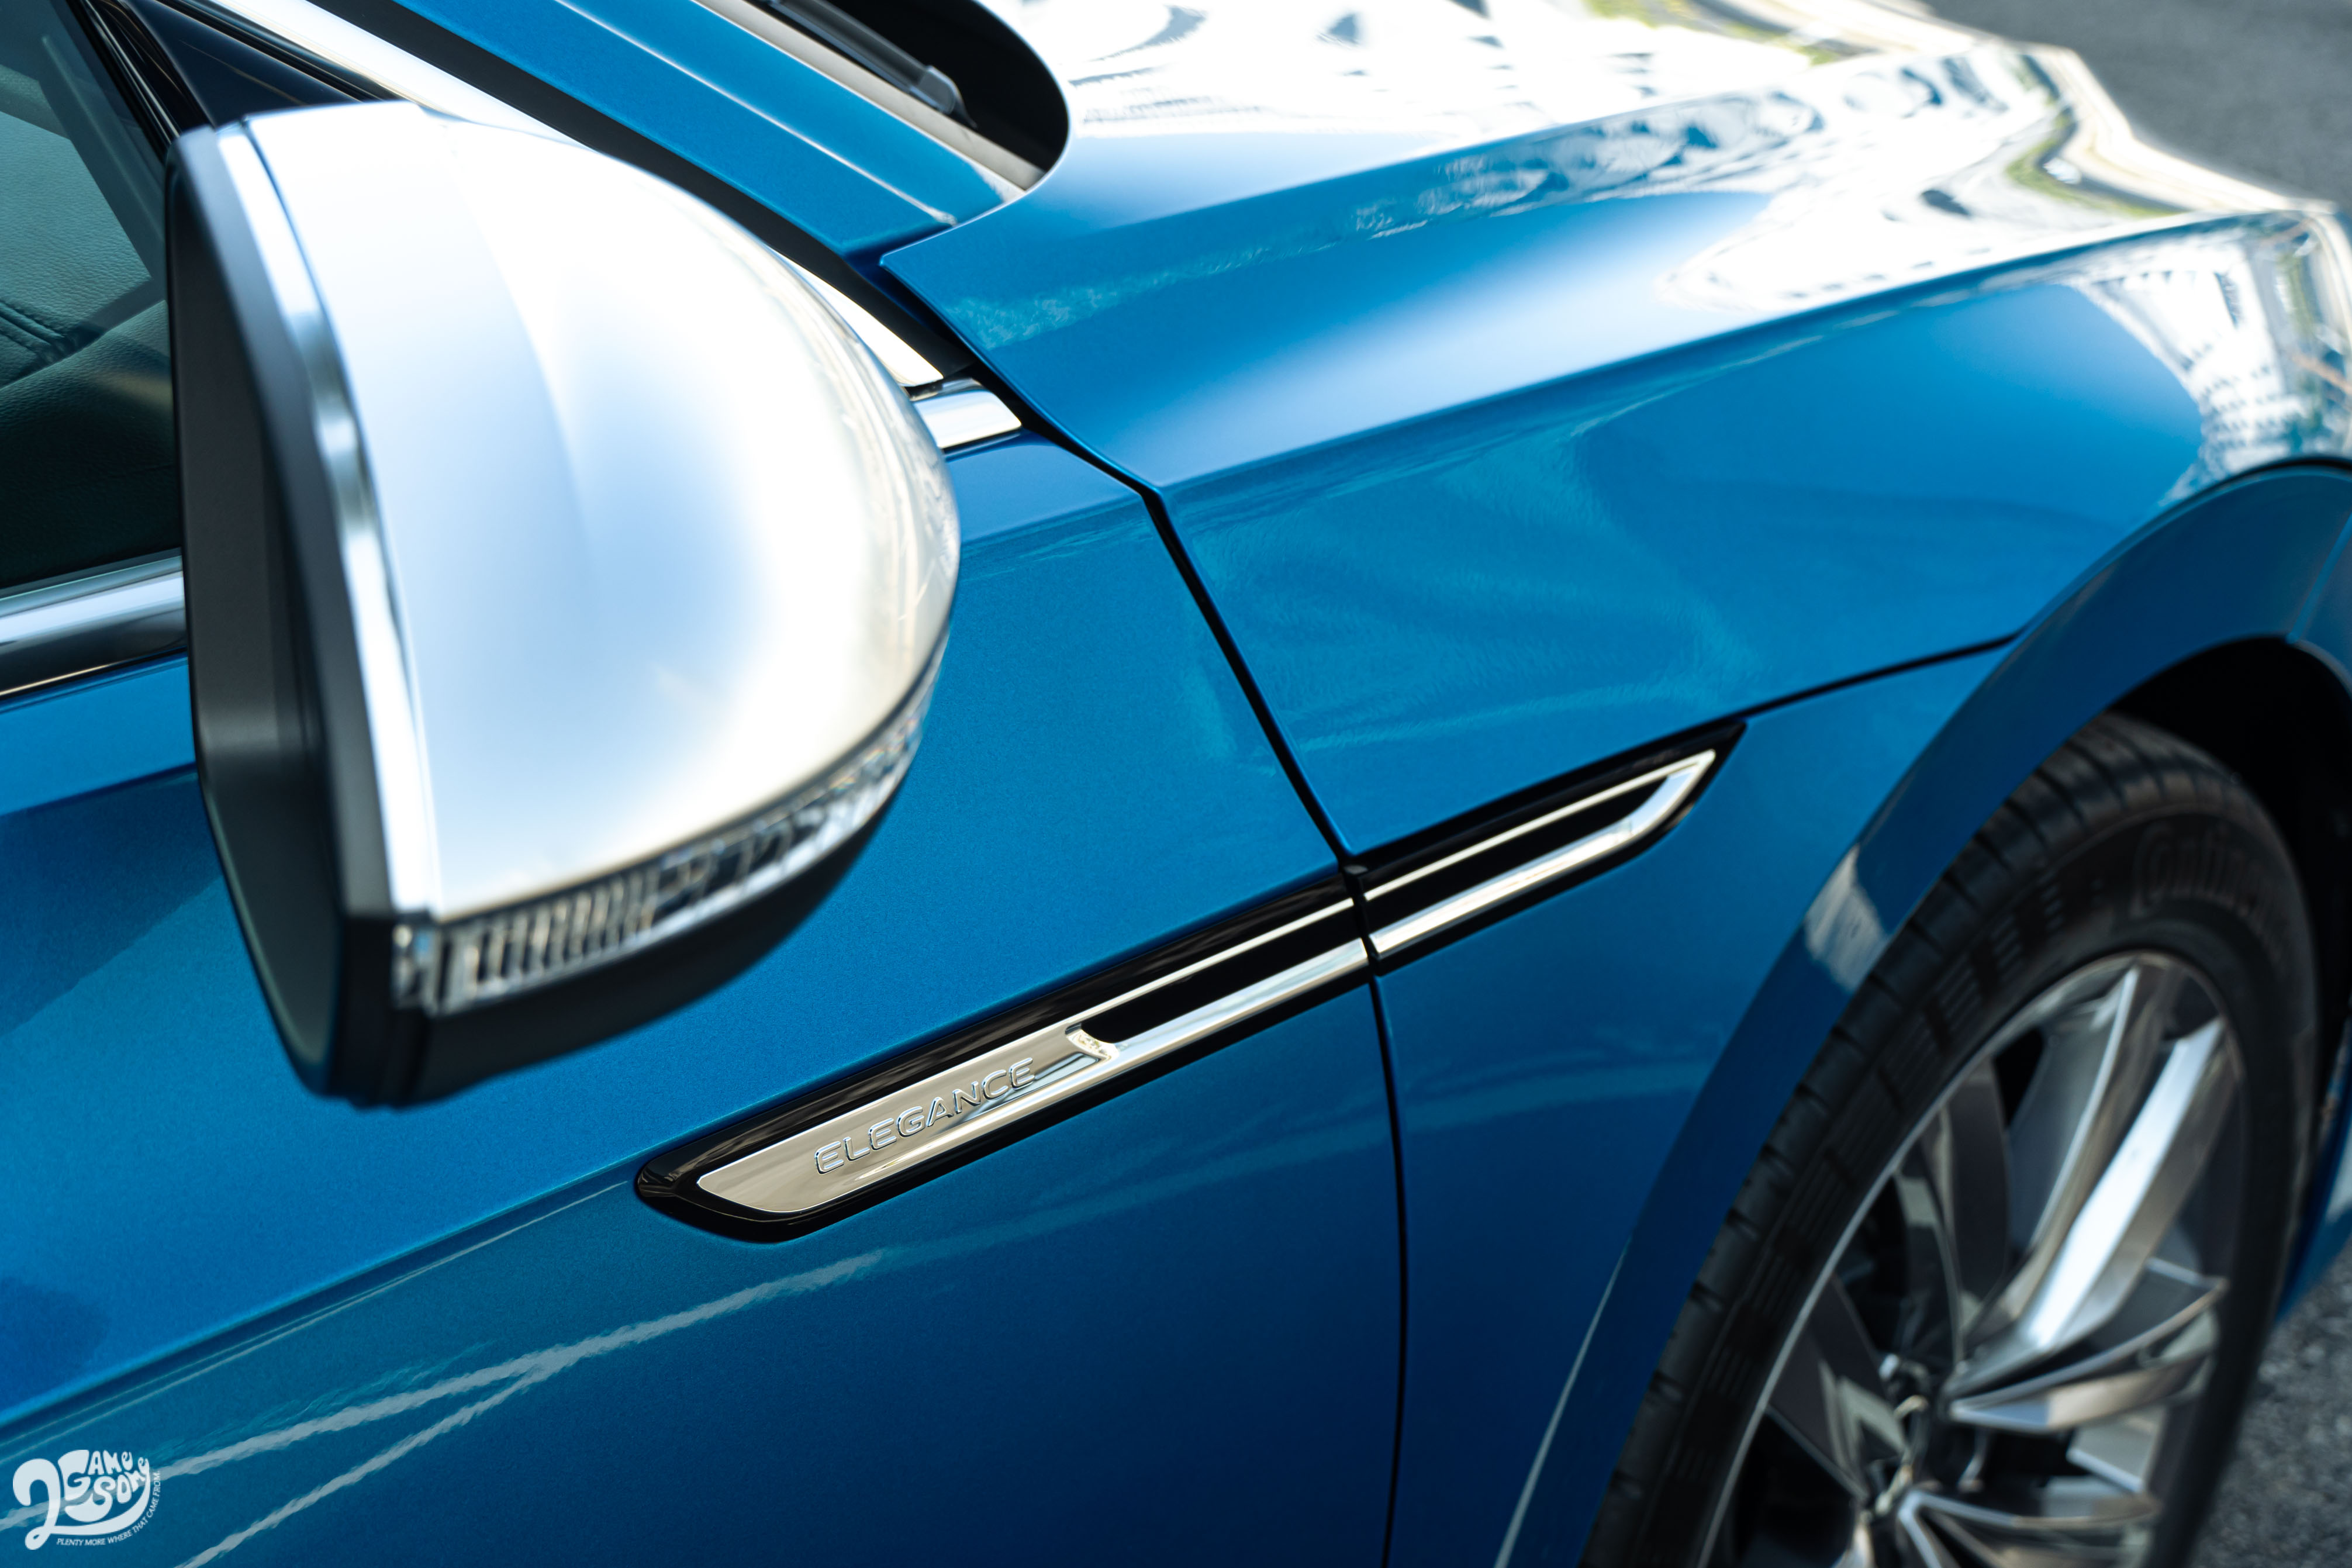 從前葉子板延伸至前車門的飾板搭配霧銀後視鏡外殼,都是 Elegance 套件專屬內容。